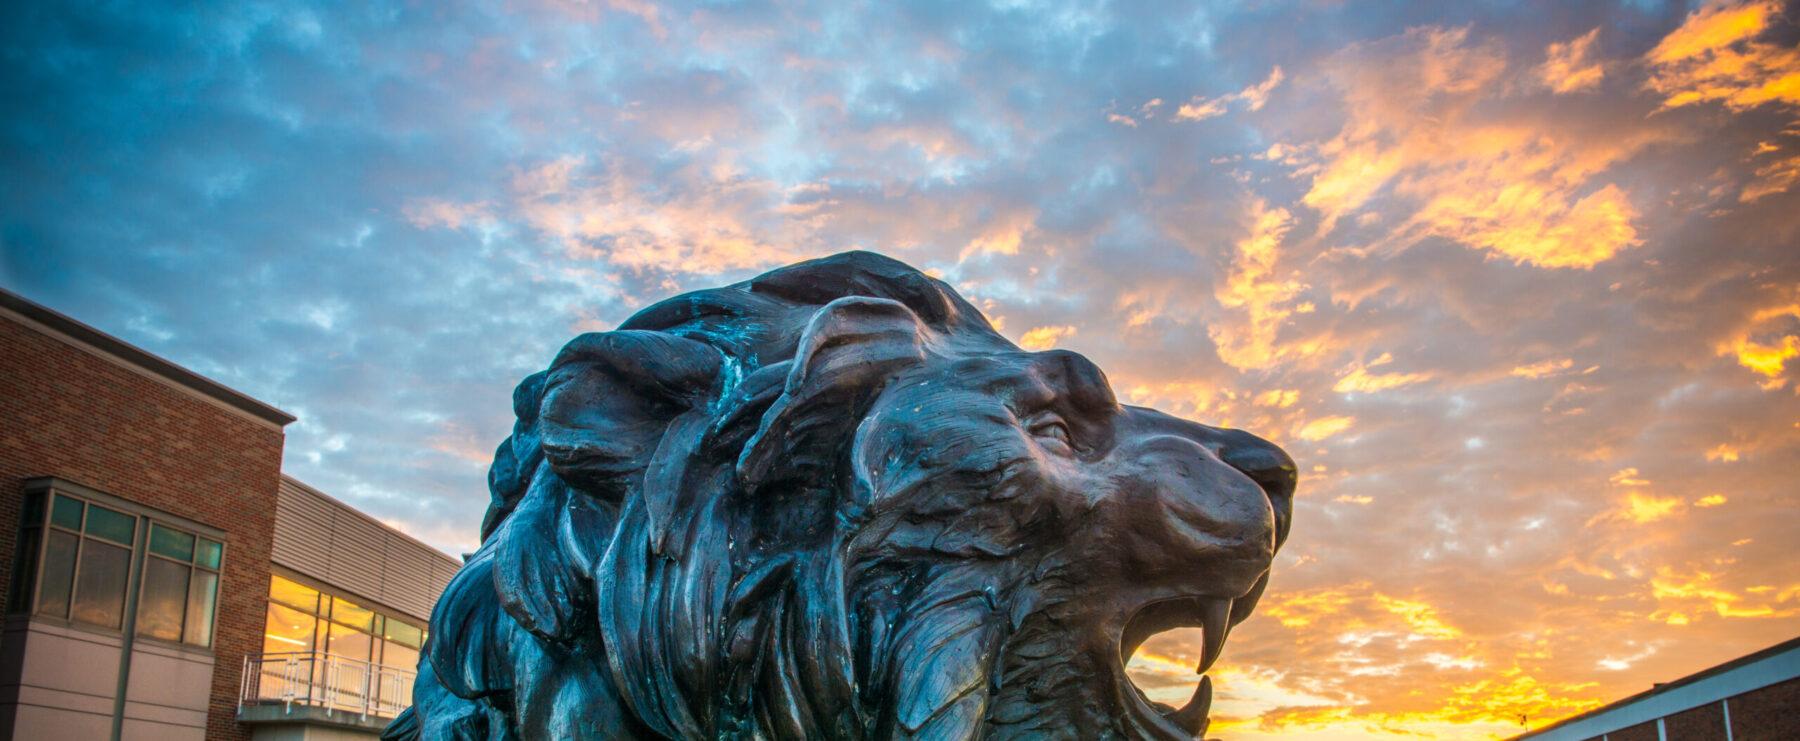 TAMUC lion statue at dusk